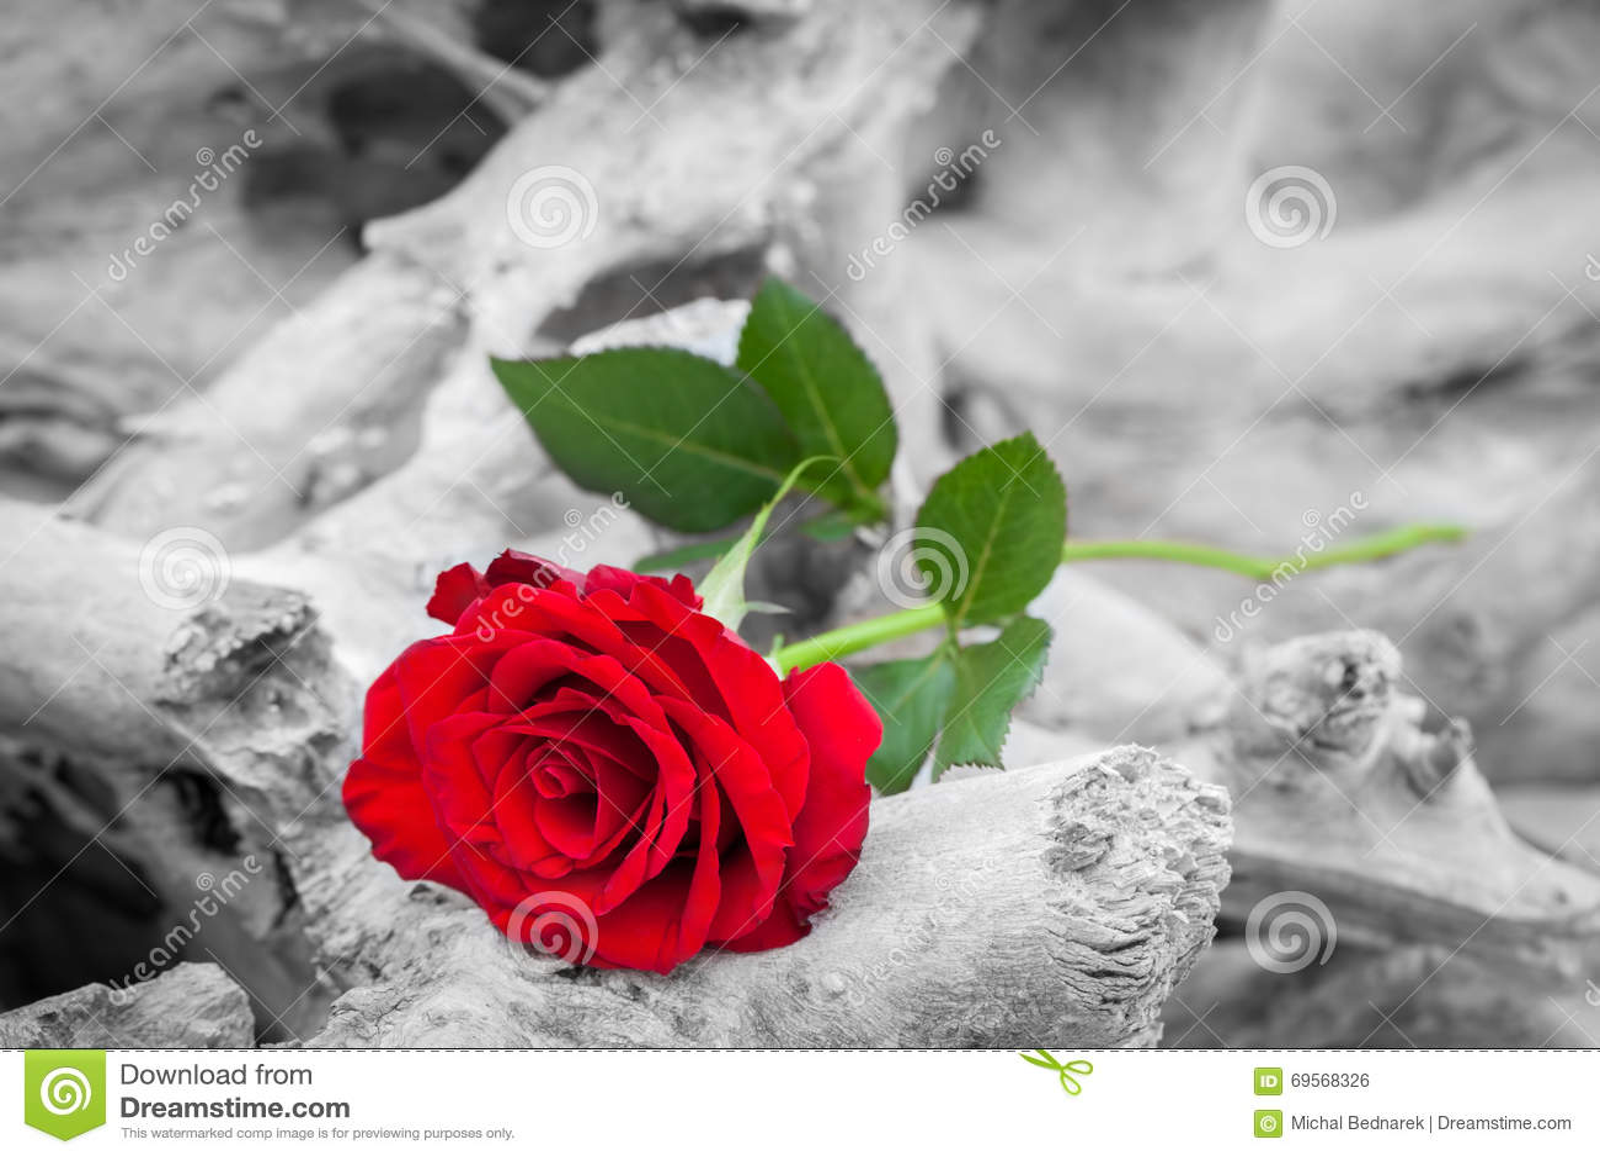 Increíble Diseños De Uñas De Color Rojo Blanco Y Negro Cresta ...